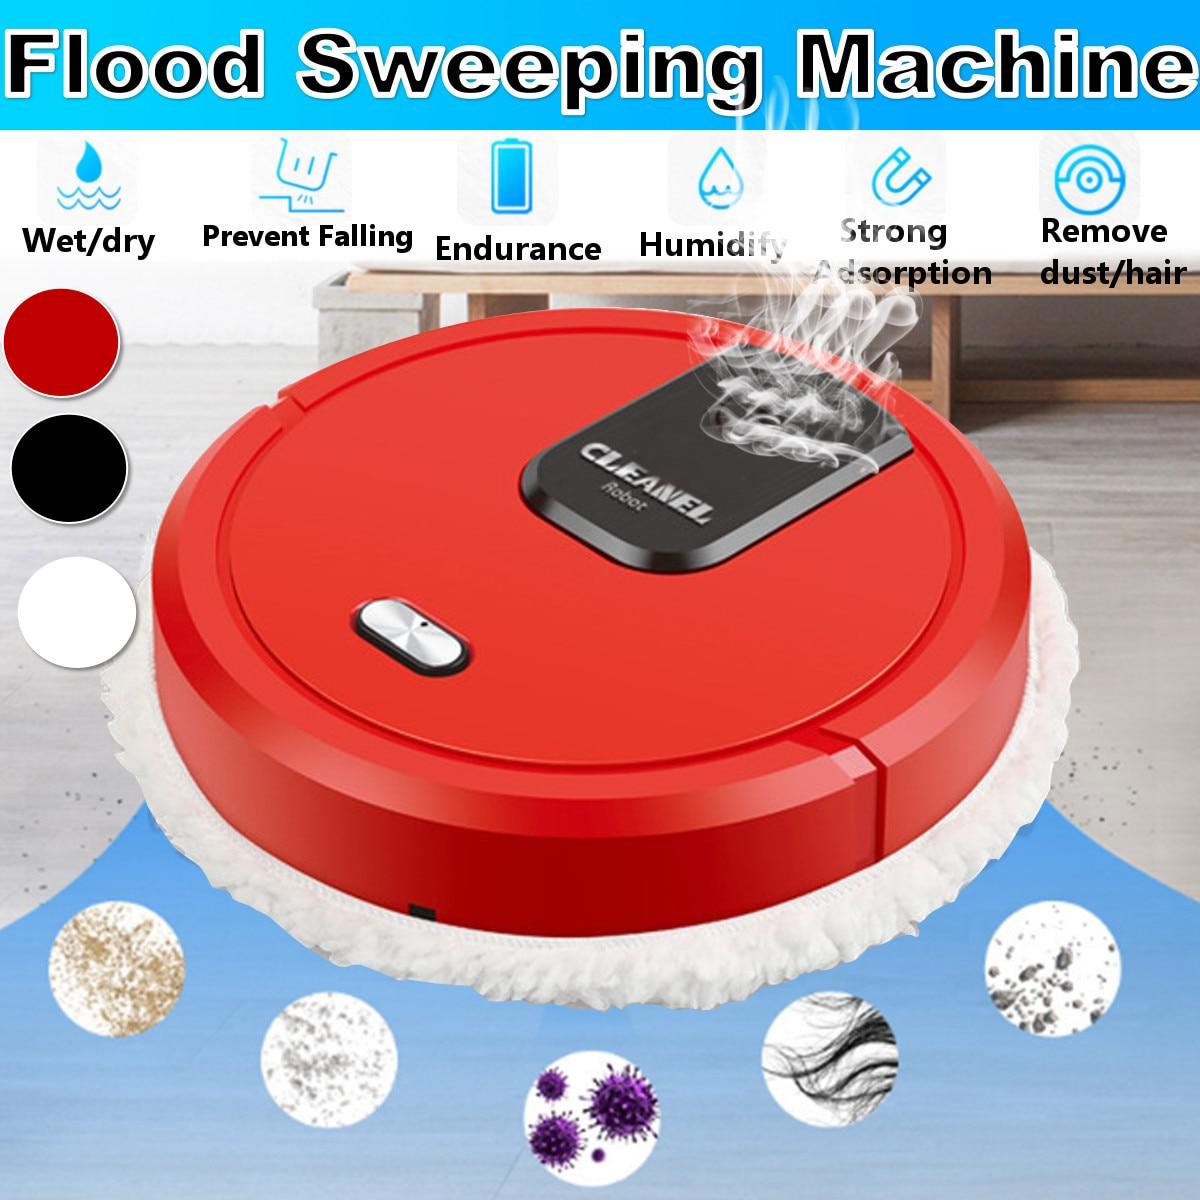 Полностью автоматический робот-пылесос, умная уборка пропиткой, робот-пылесос с USB-зарядкой для сухой и влажной уборки, аэрозольный распыли...